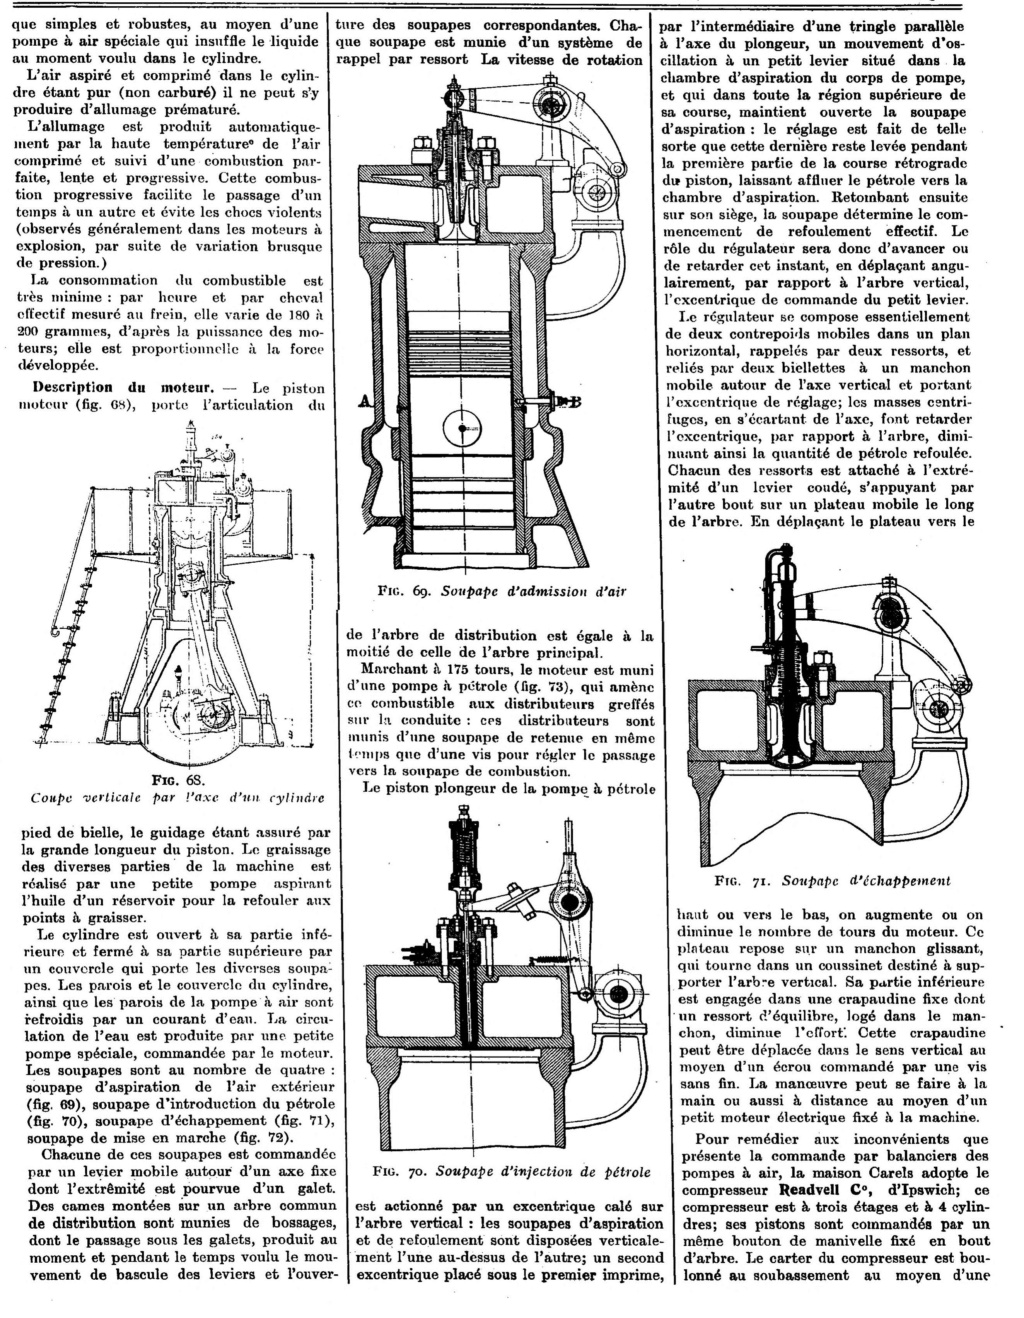 Les moteurs industriels: article de 1913 1551